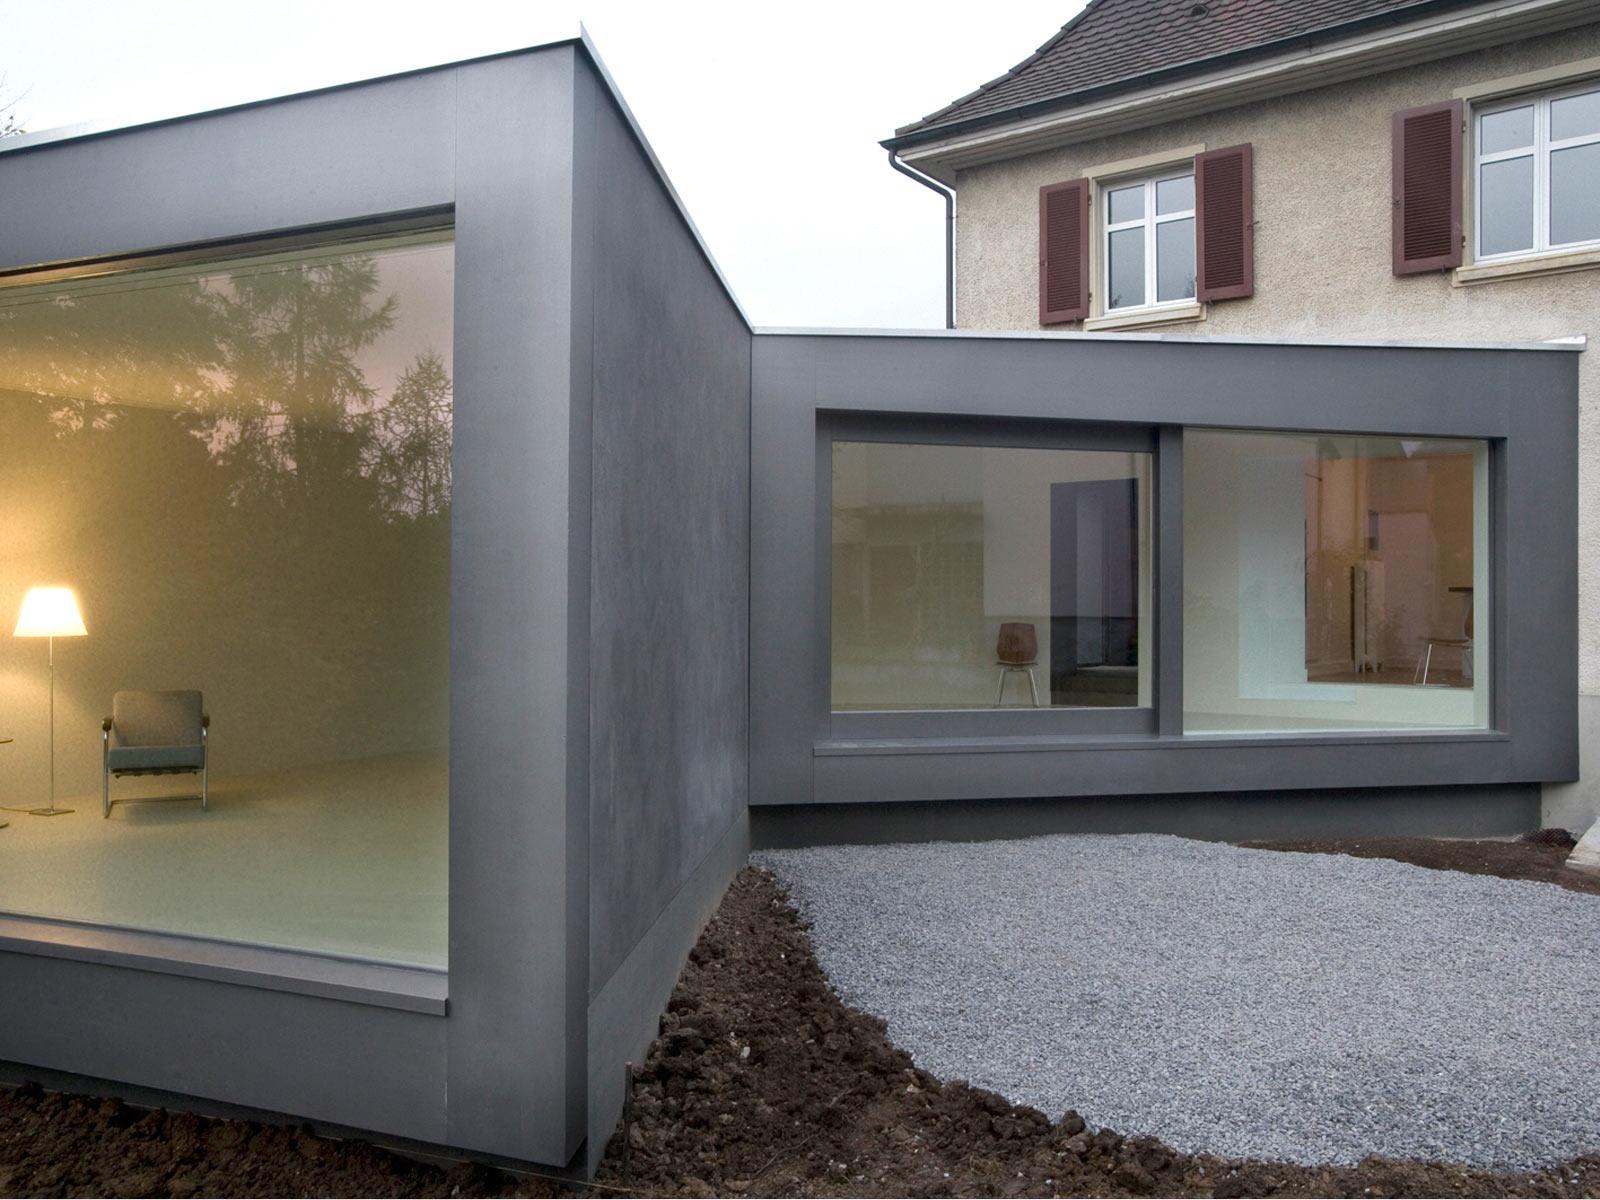 best architects architektur award oliver brandenberger. Black Bedroom Furniture Sets. Home Design Ideas